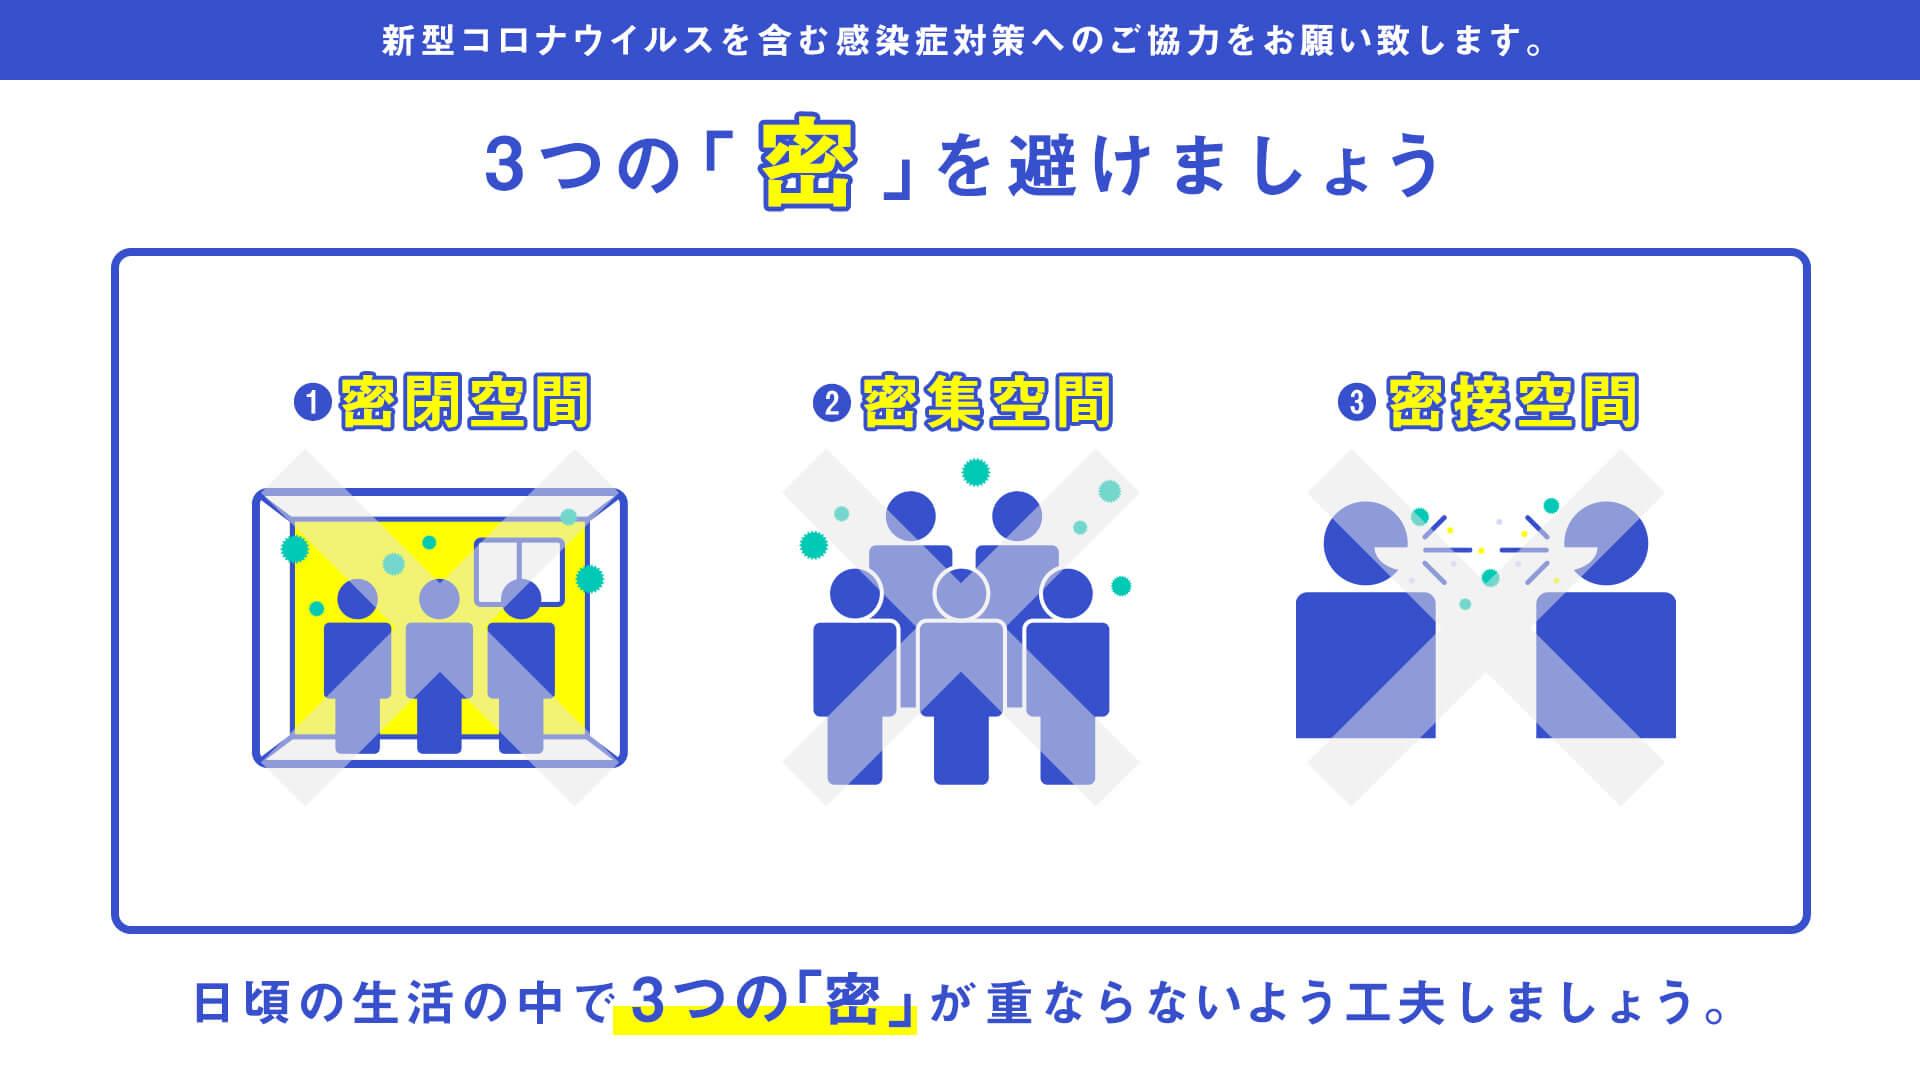 新型コロナウイルス感染防止画像」無償配布のお知らせ|株式会社パルコデジタルマーケティング